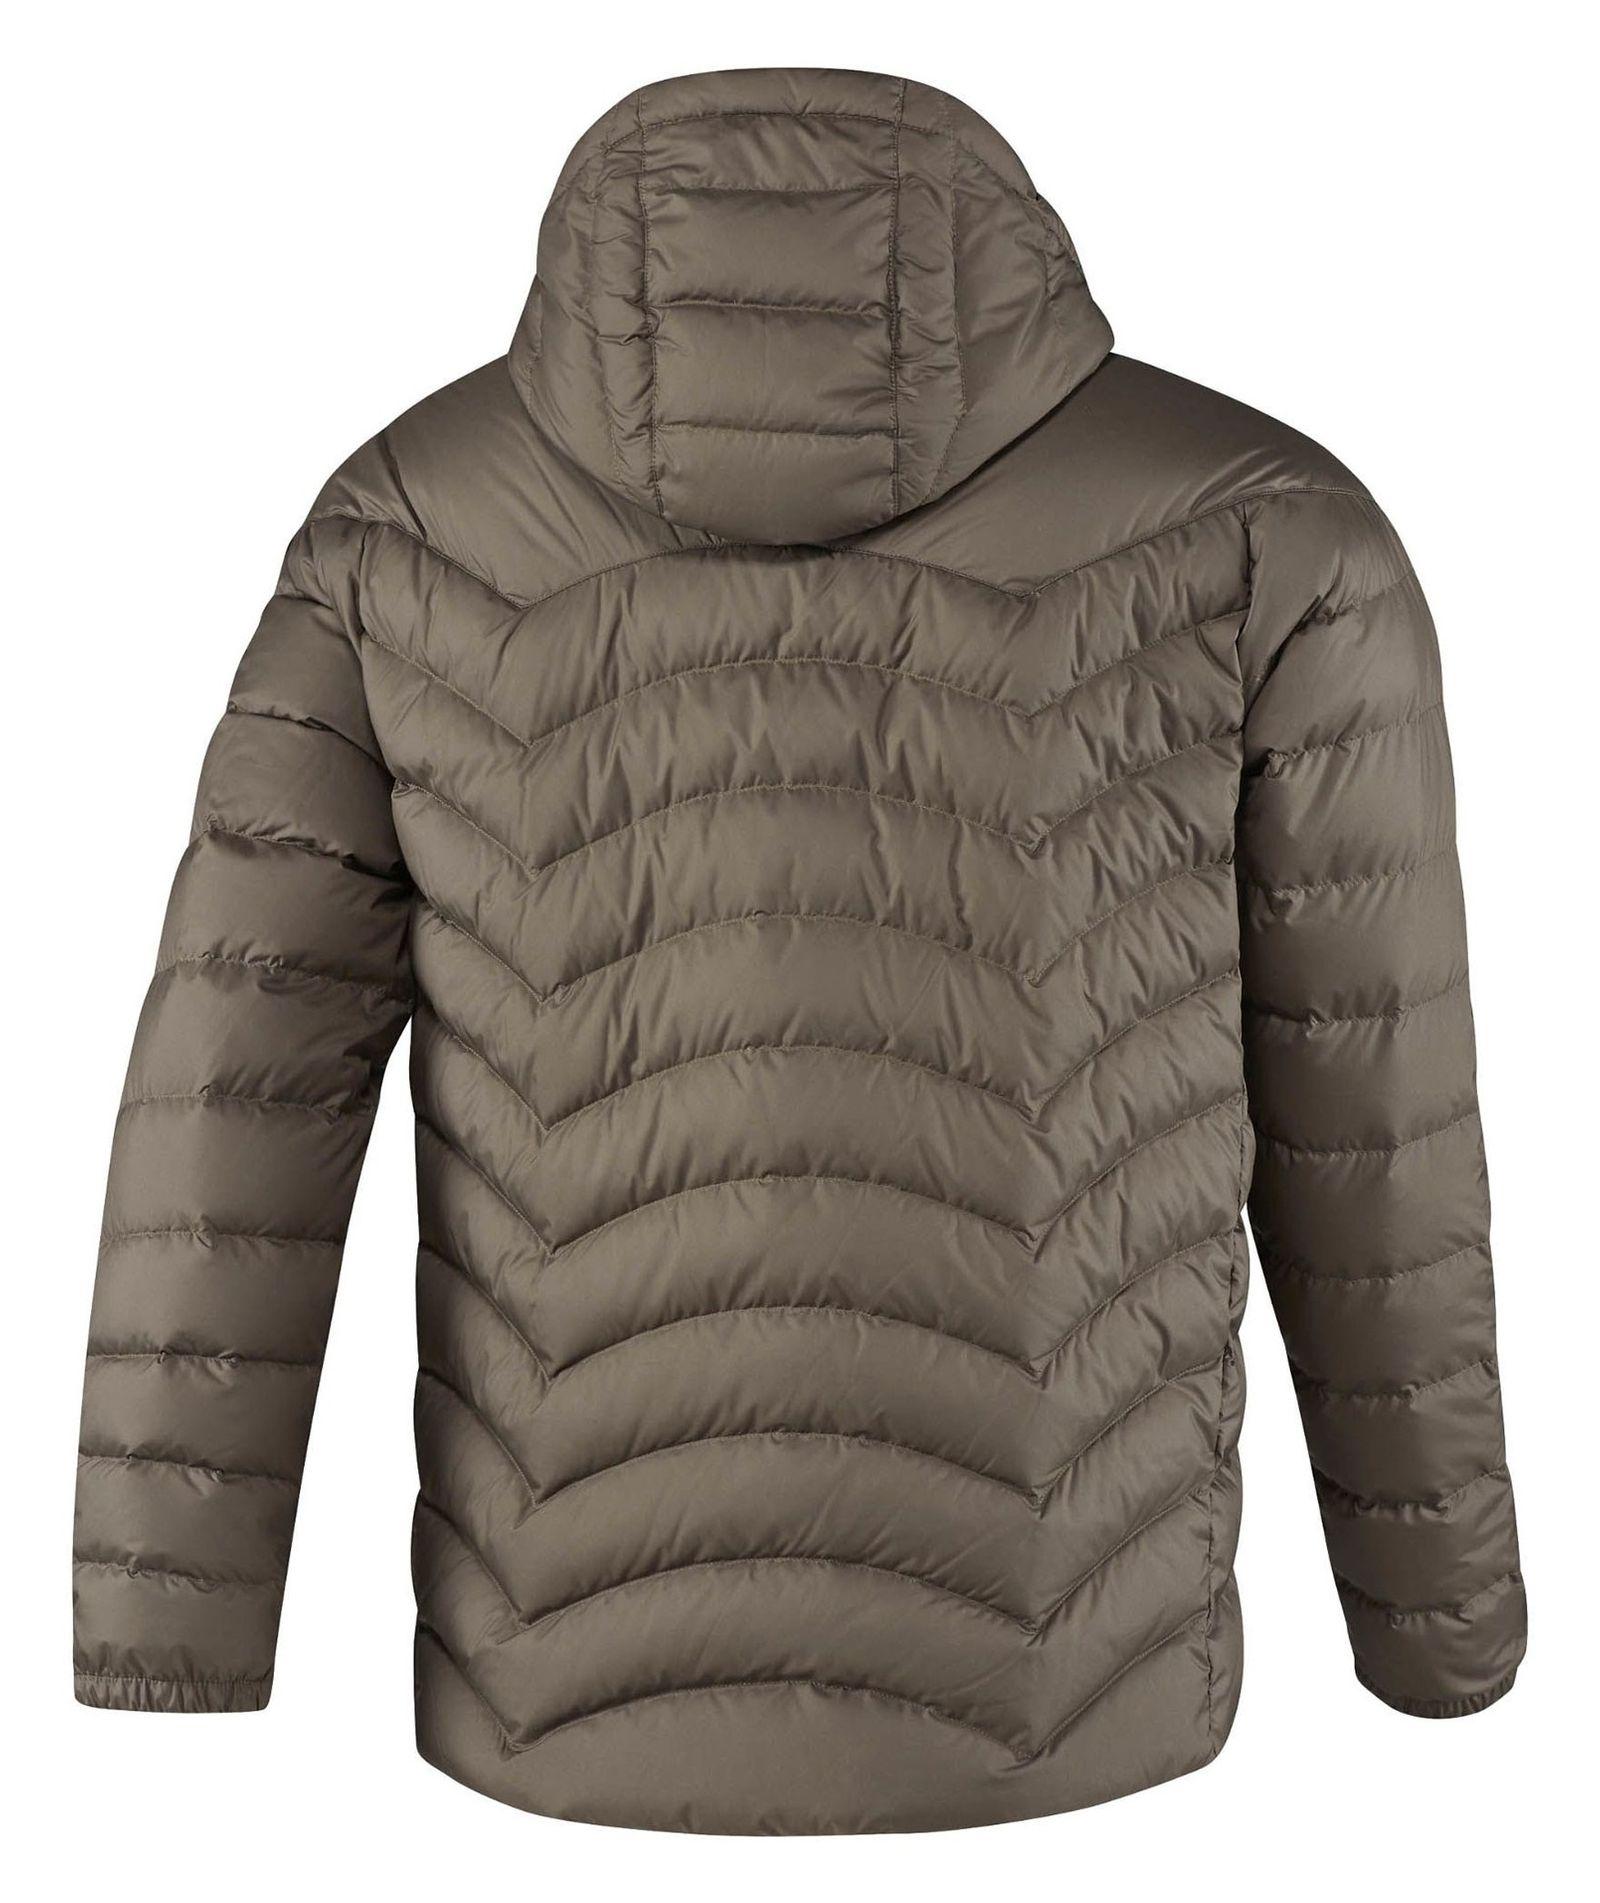 کاپشن کوتاه مردانه Down Jacket - ریباک - زيتوني قهوه اي - 2